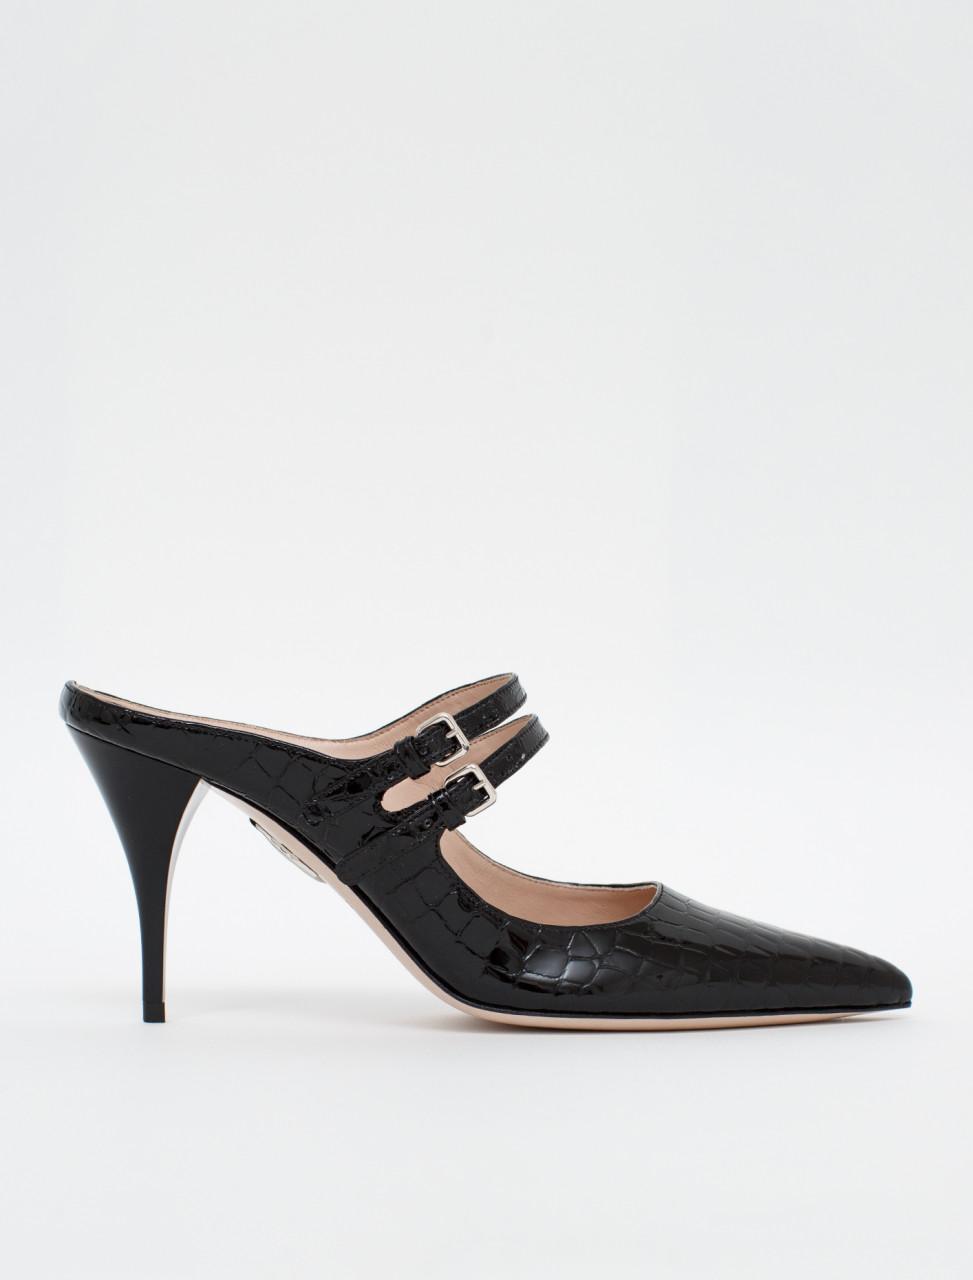 Heels in Black